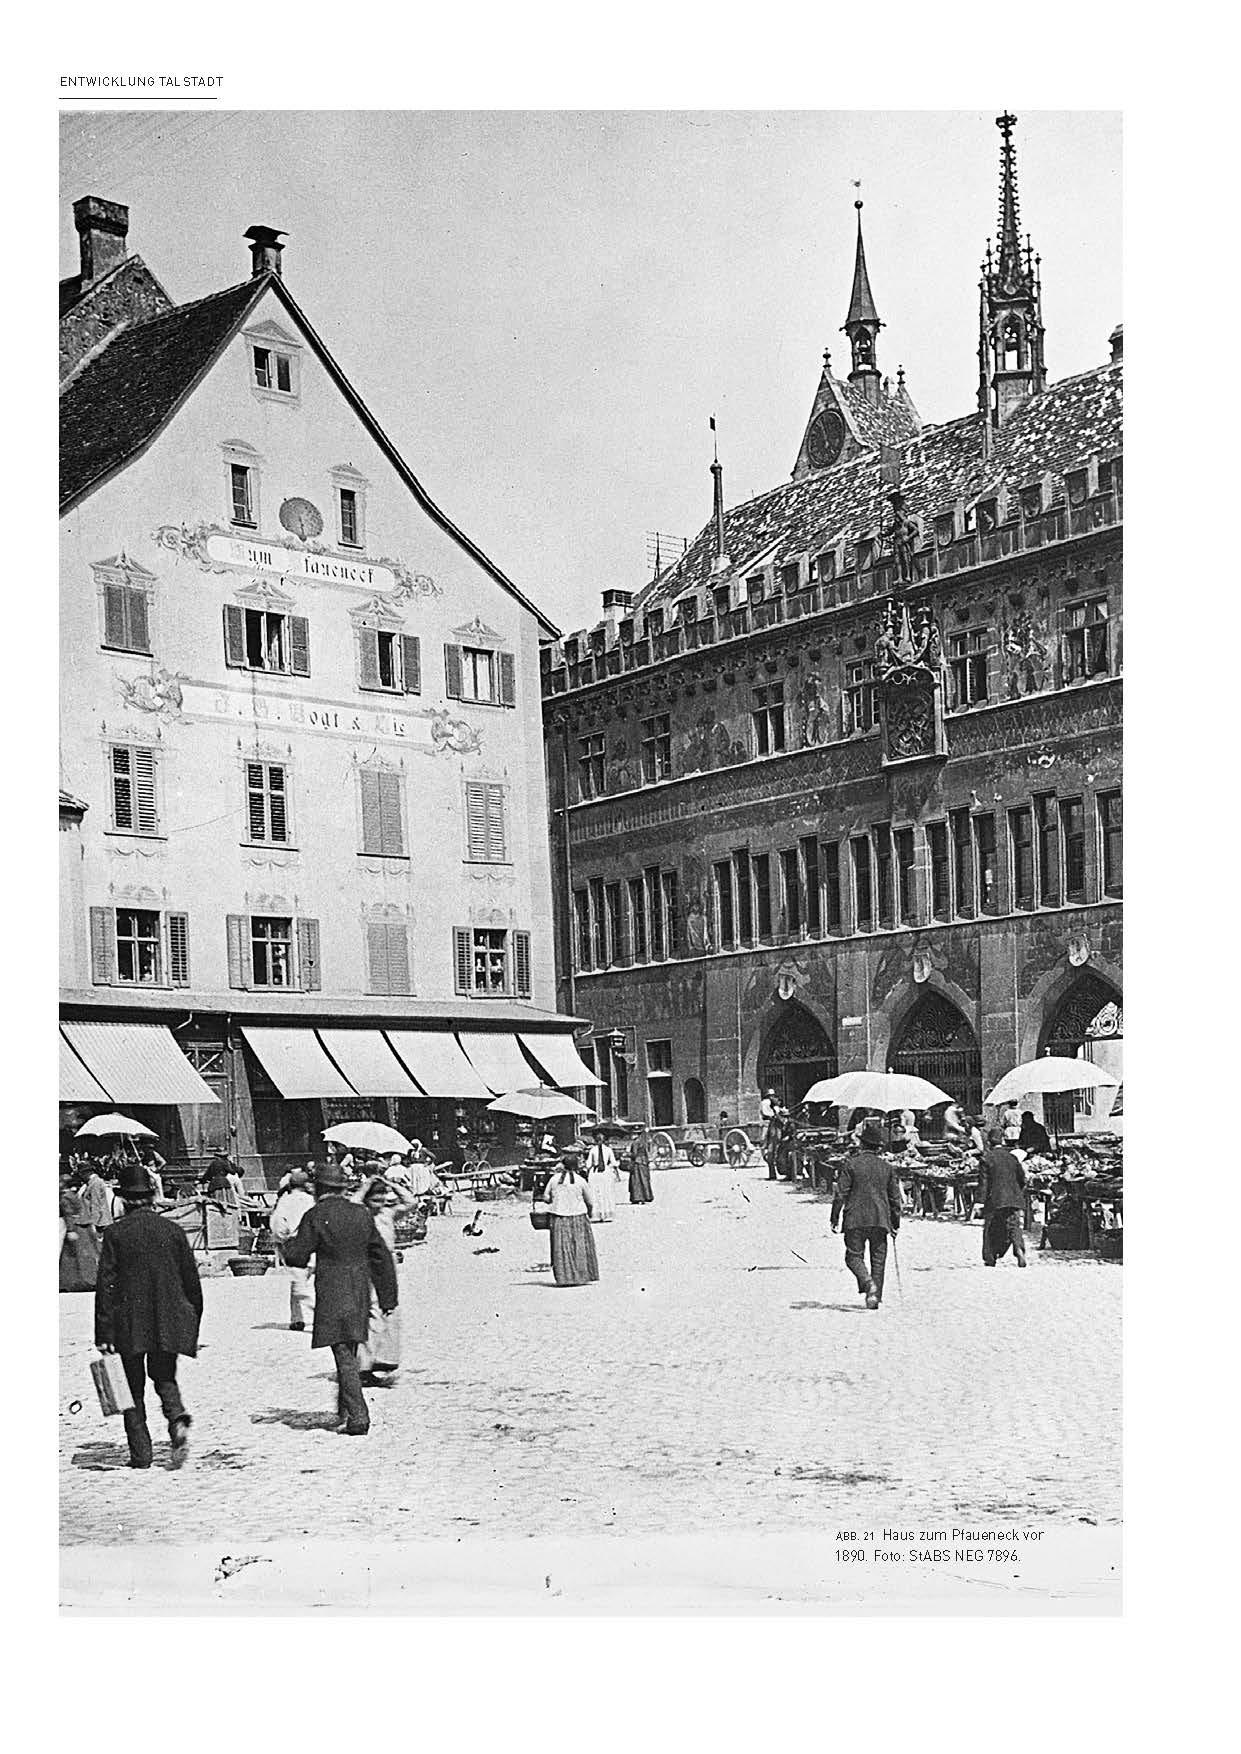 Blick auf den Basler Marktplatz, vor 1890